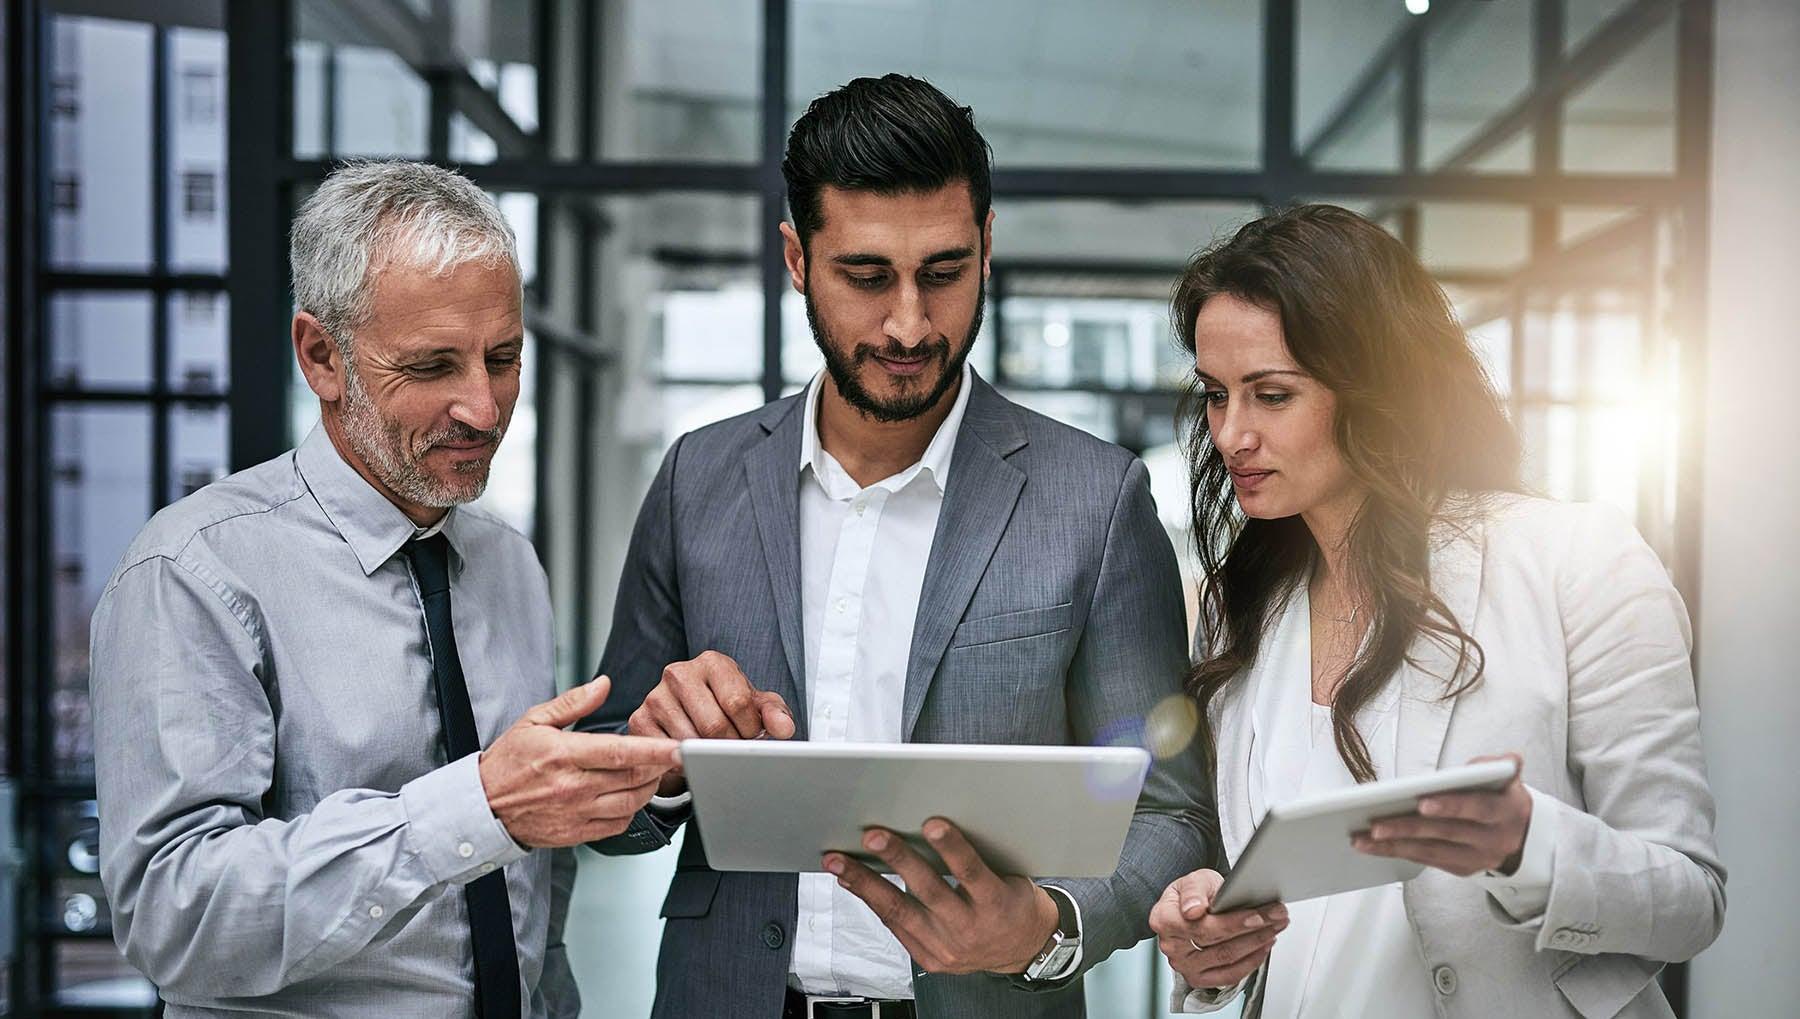 sales enablement definition sales enablement best practices